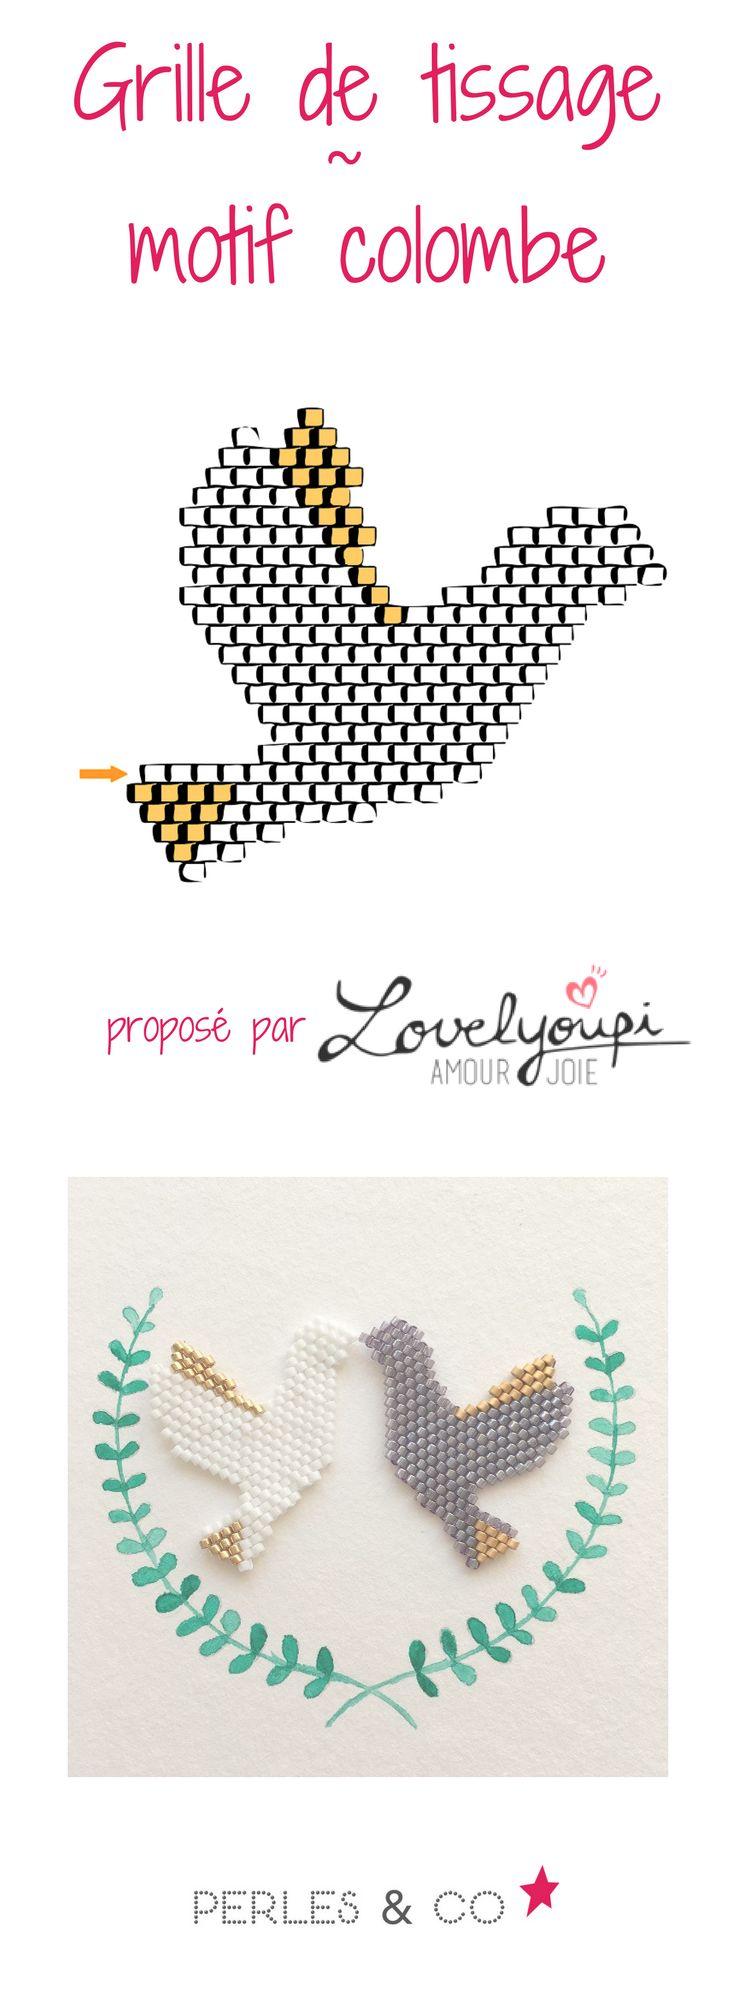 """Une tuto totalement """"peace"""" ça vous tente? Grâce à Cécile du blog Lovelyoupi, nous vous proposons un tissage de perles Miyuki pour réaliser une jolie colombe.    Ici, Cécile nous propose de monter ce tissage en brick stitch. Pour les débutantes, vous pouvez vous rendre sur nos fiches techniques pour apprendre les bases du tissage de perles."""